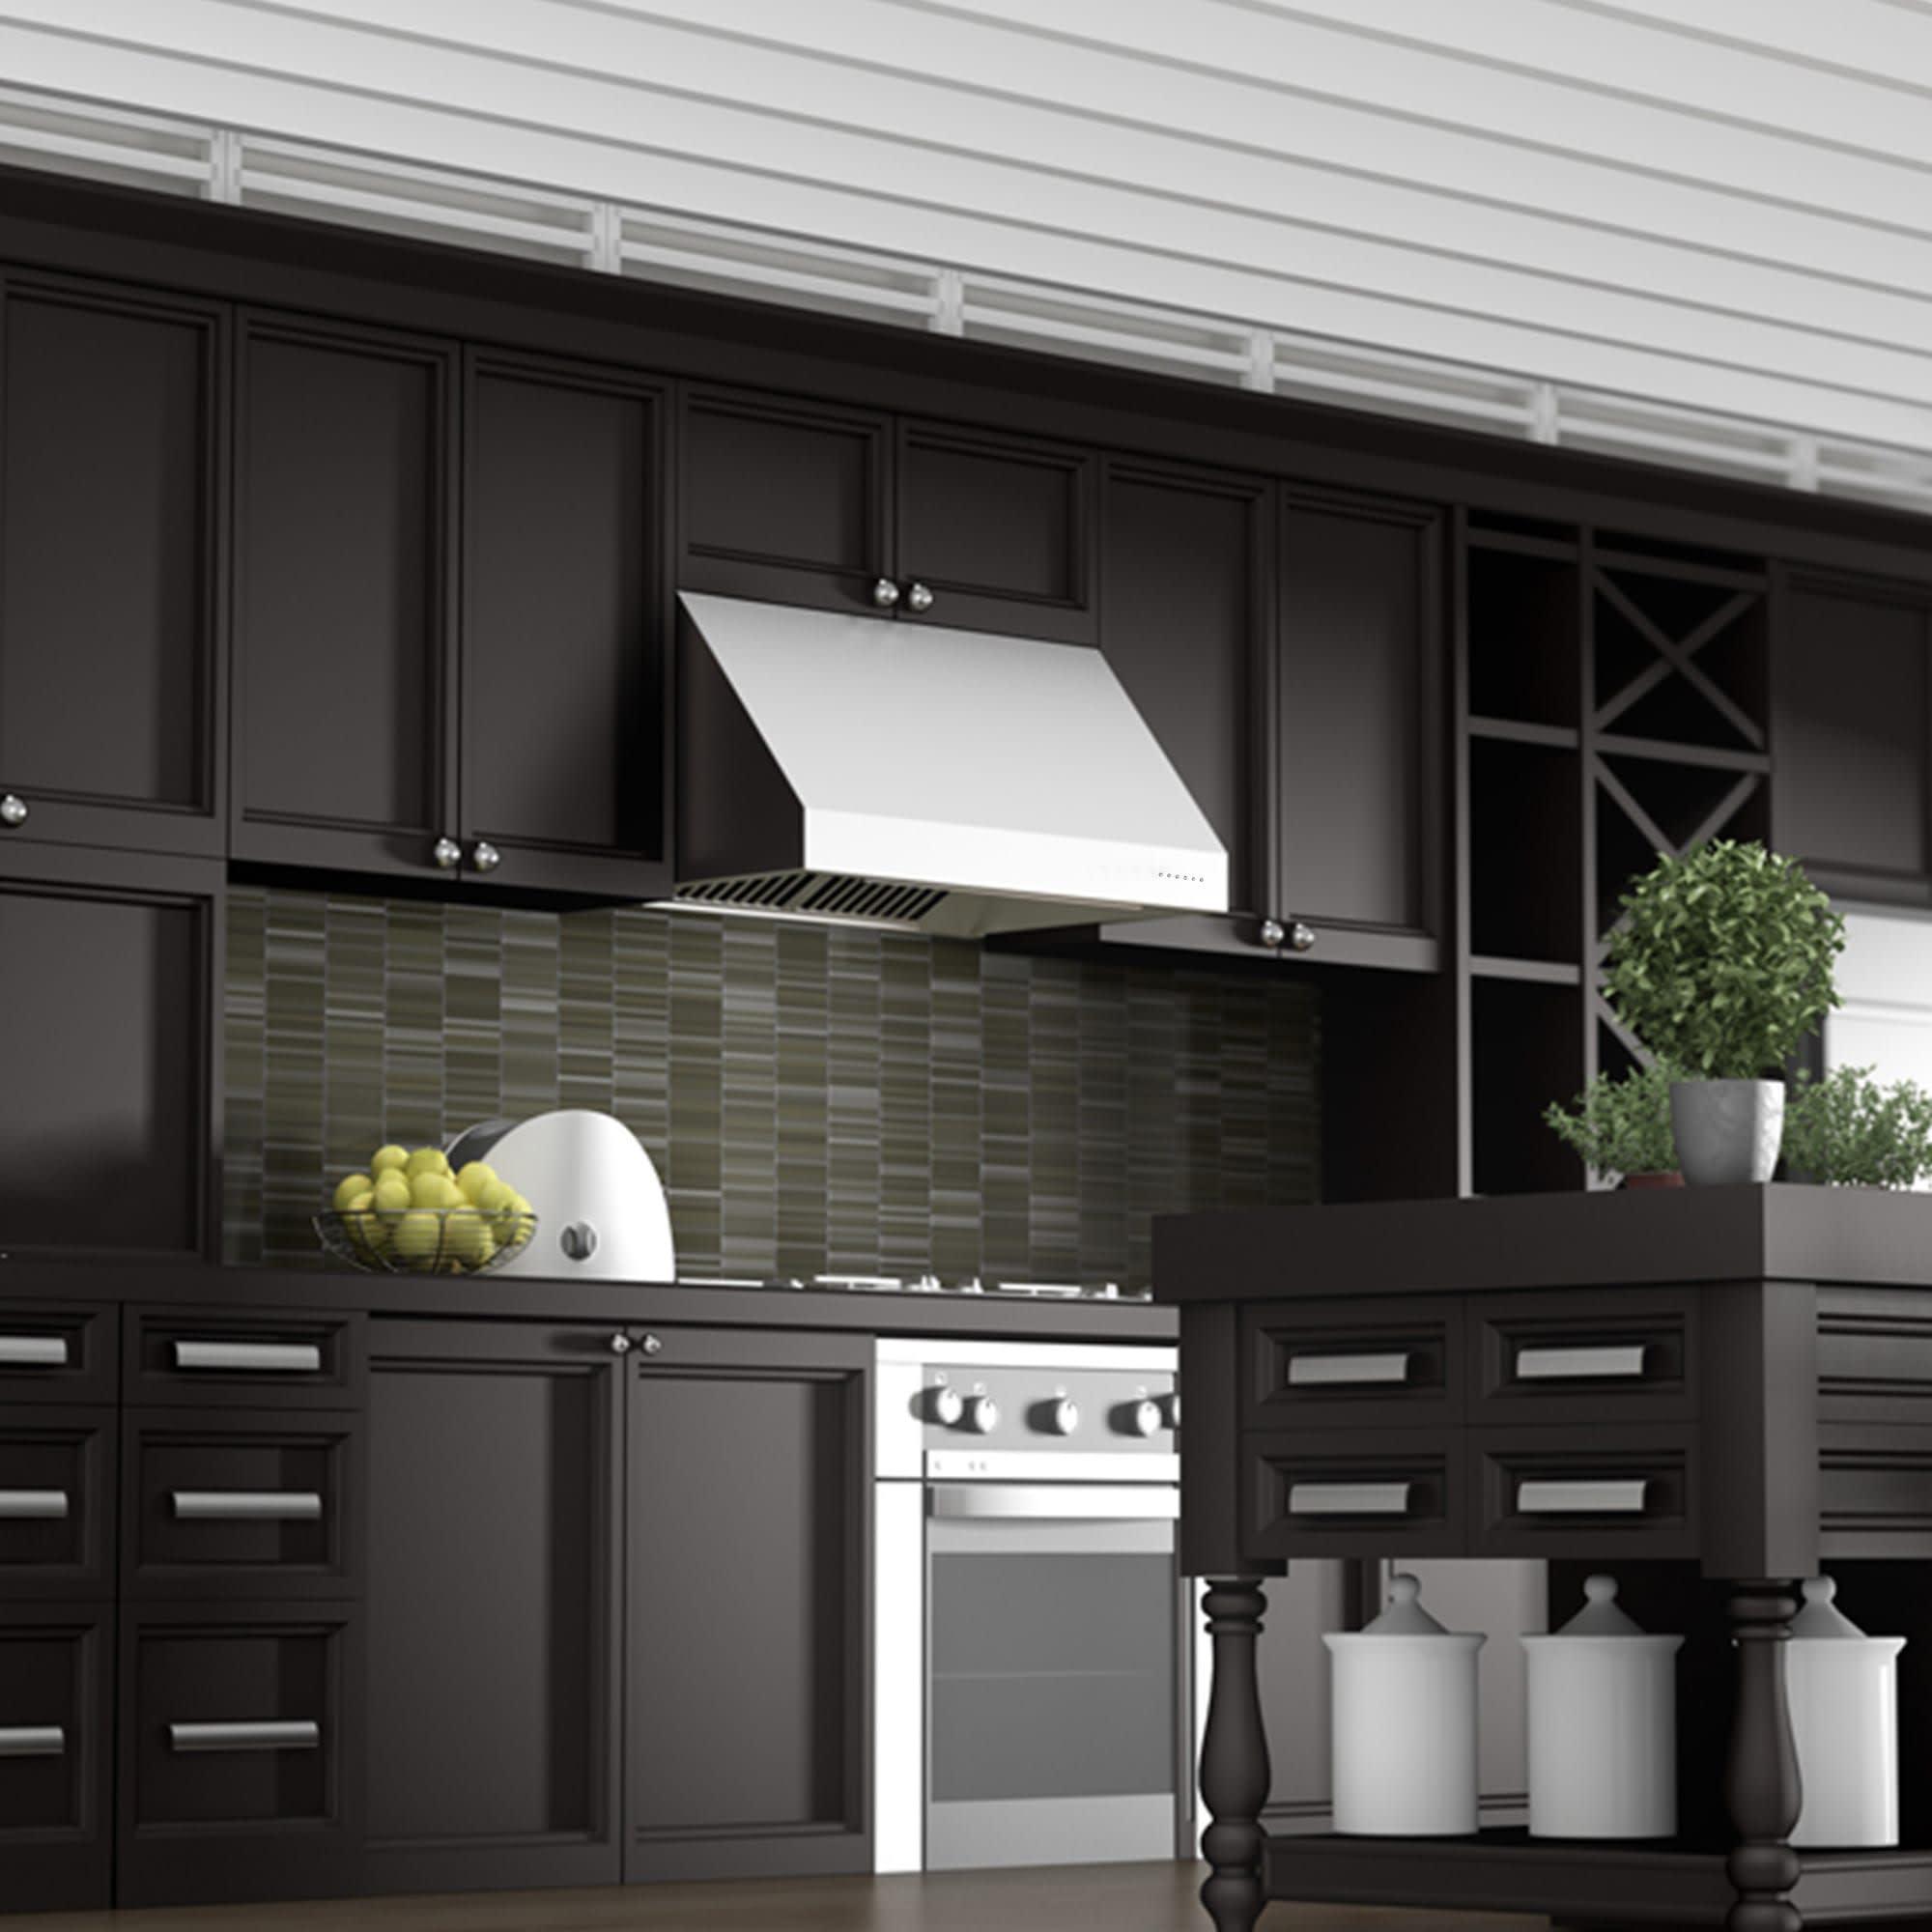 Zline Range Hoods Cooking Appliances 685 48